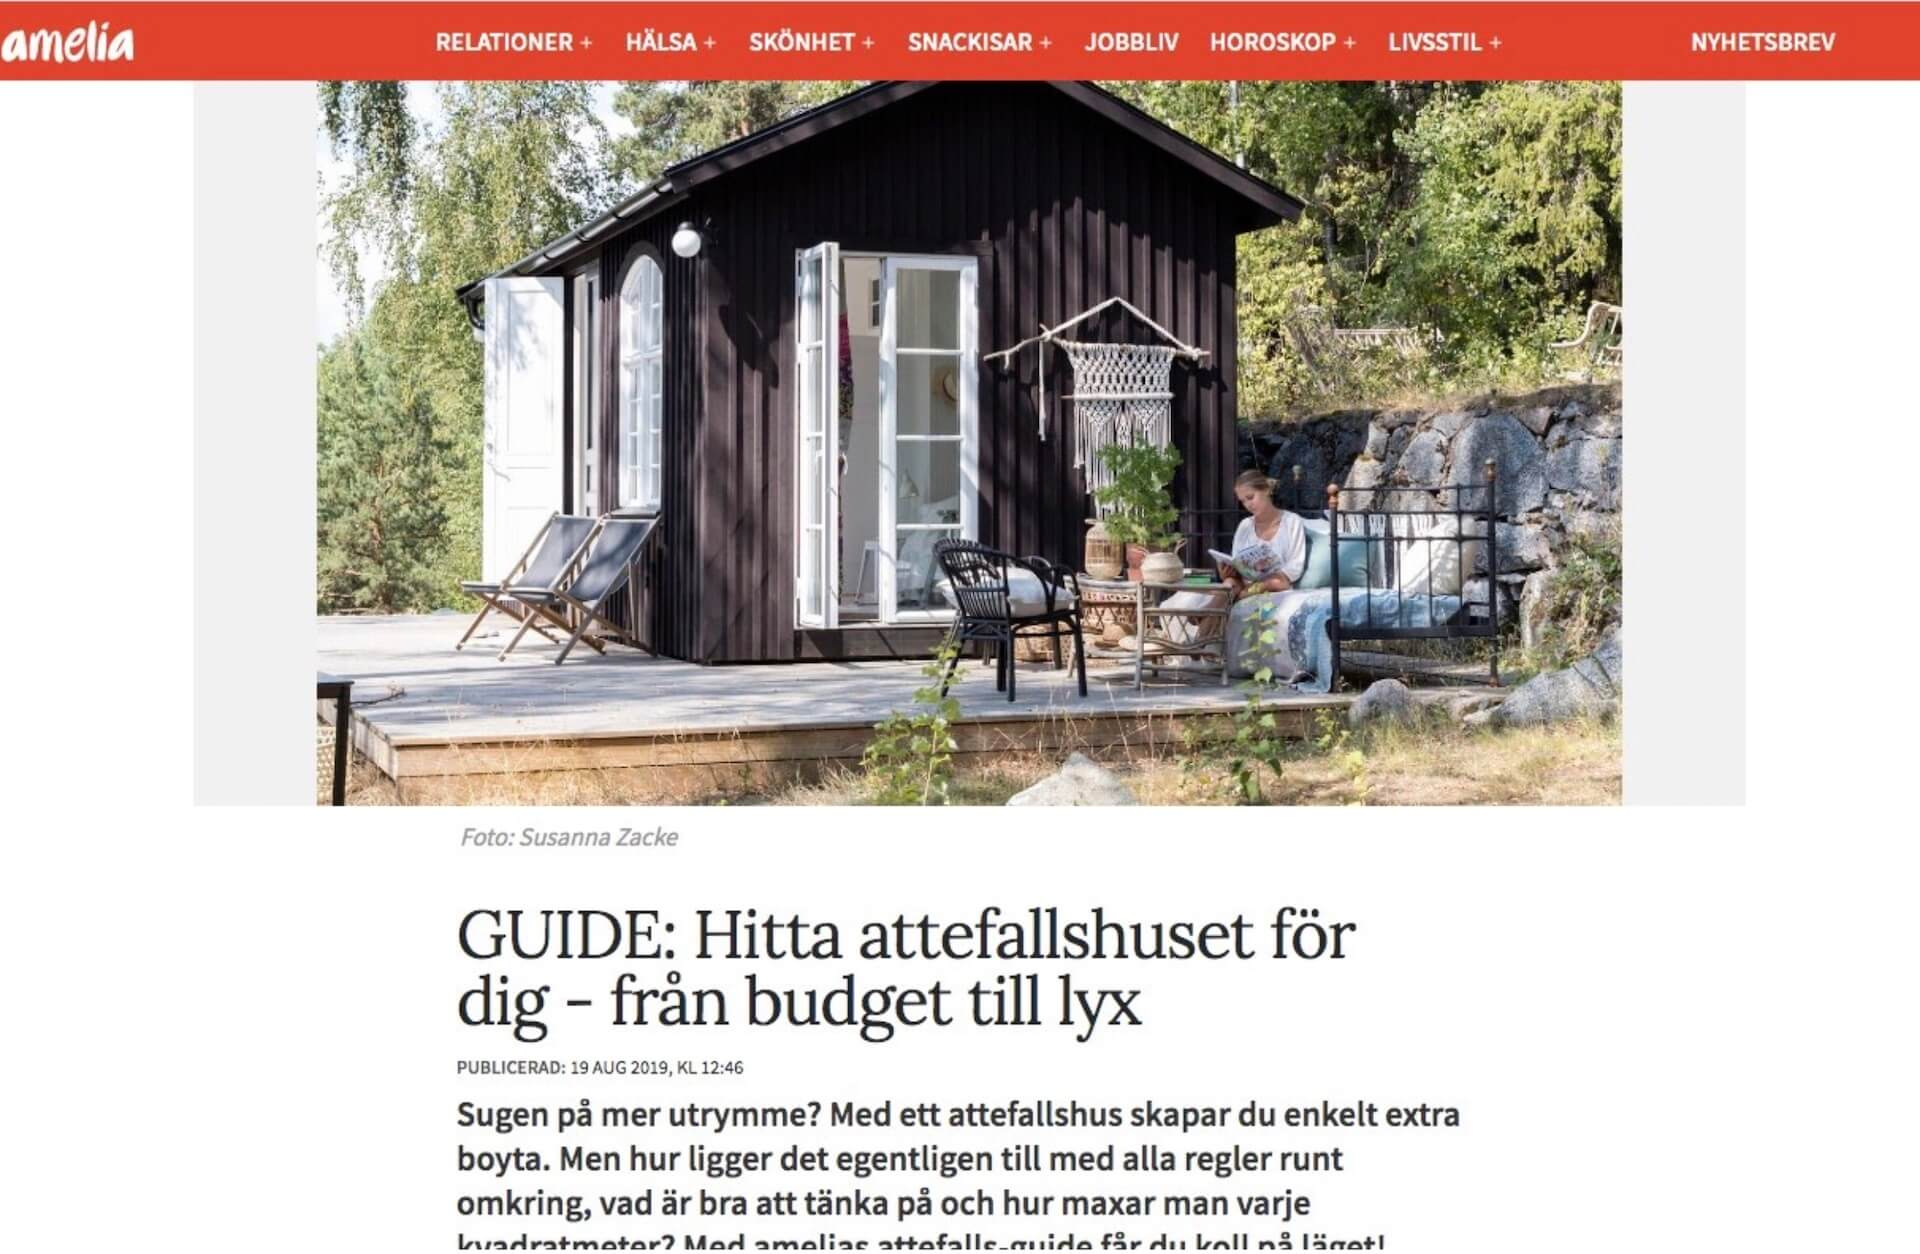 Modulhus är med artikeln - GUIDE: HITTA ATTEFALLSHUSET FÖR DIG - FRÅN BUDGET TILL LYX - 19 AUG 2019